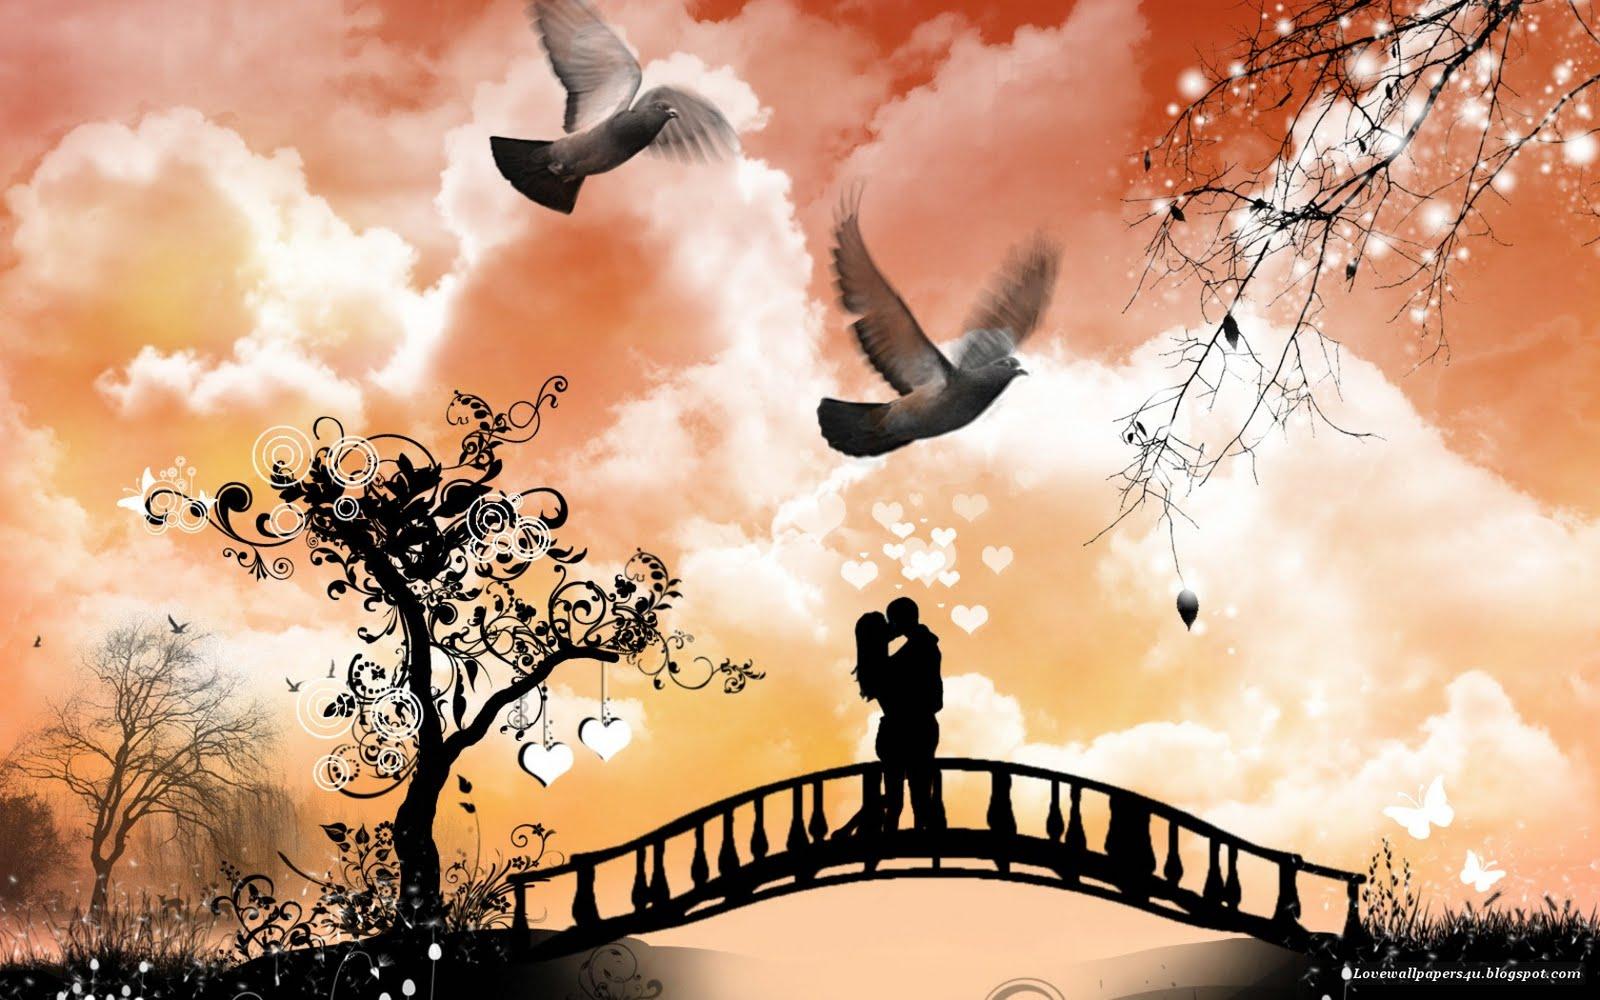 http://4.bp.blogspot.com/-xMijmXxKSlE/TkzAKJKOSdI/AAAAAAAAAF0/fDgsHc0XH4A/s1600/Spring-love%20wallpaper.jpg